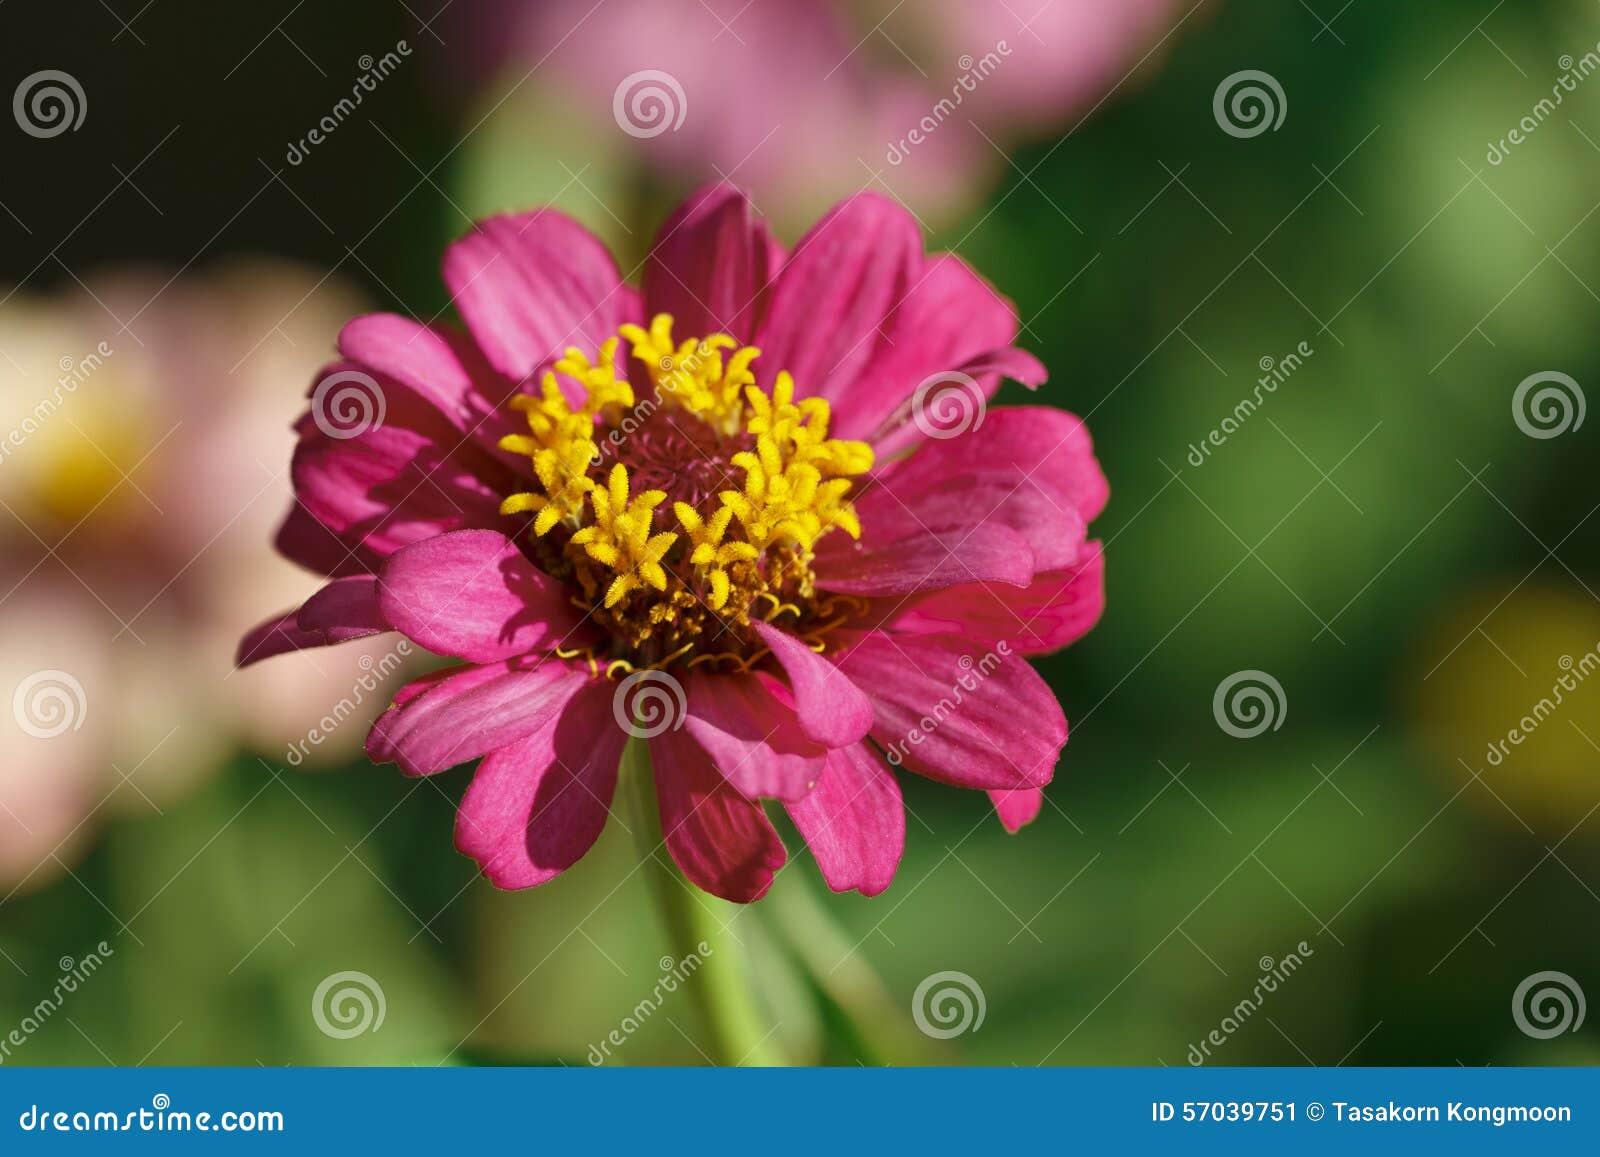 fleur rose avec le pollen jaune photo stock - image: 57039751